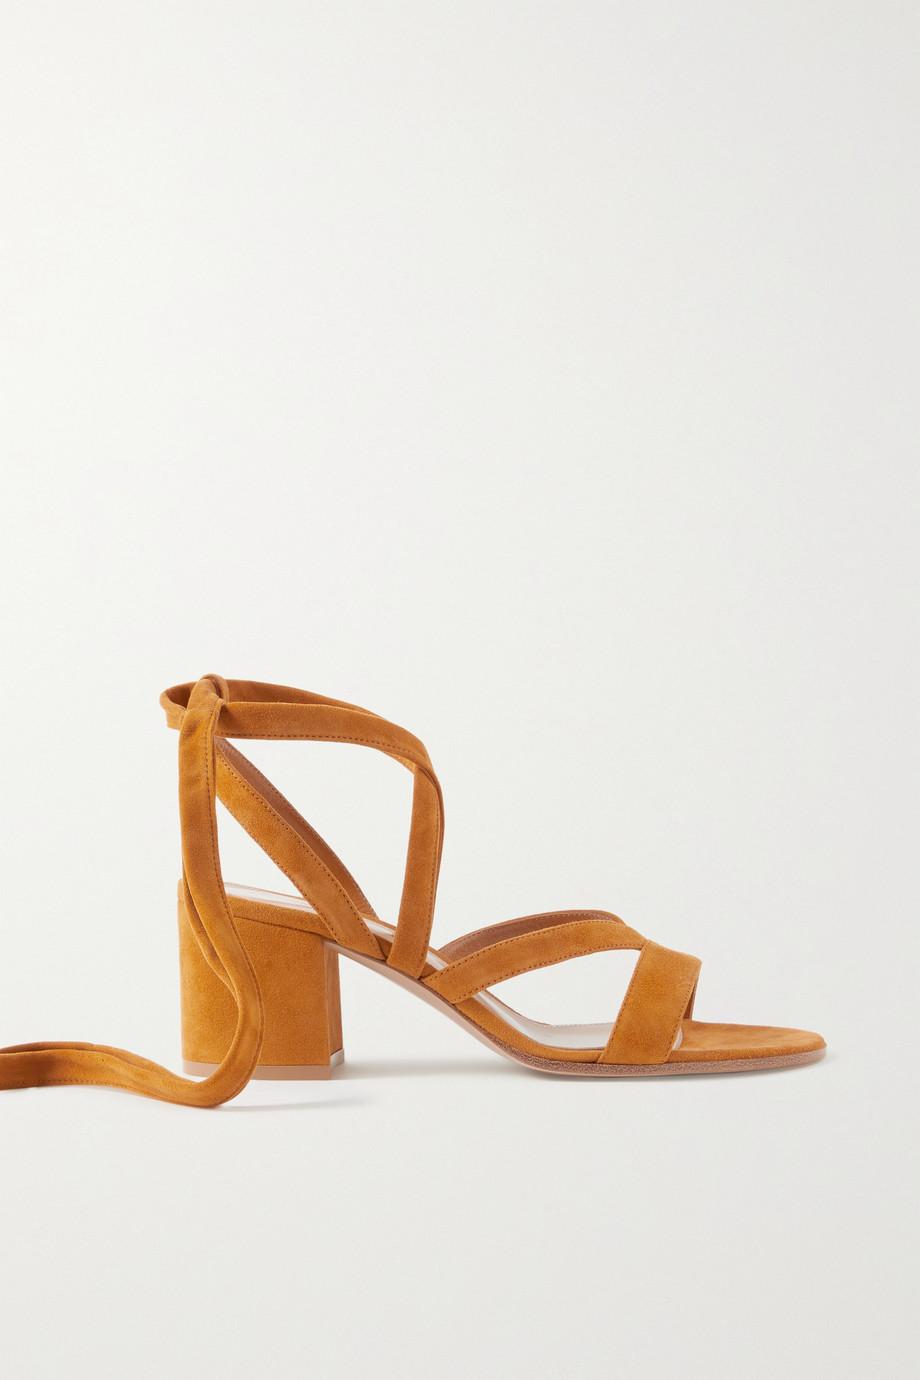 Gianvito Rossi Janis 60 suede sandals